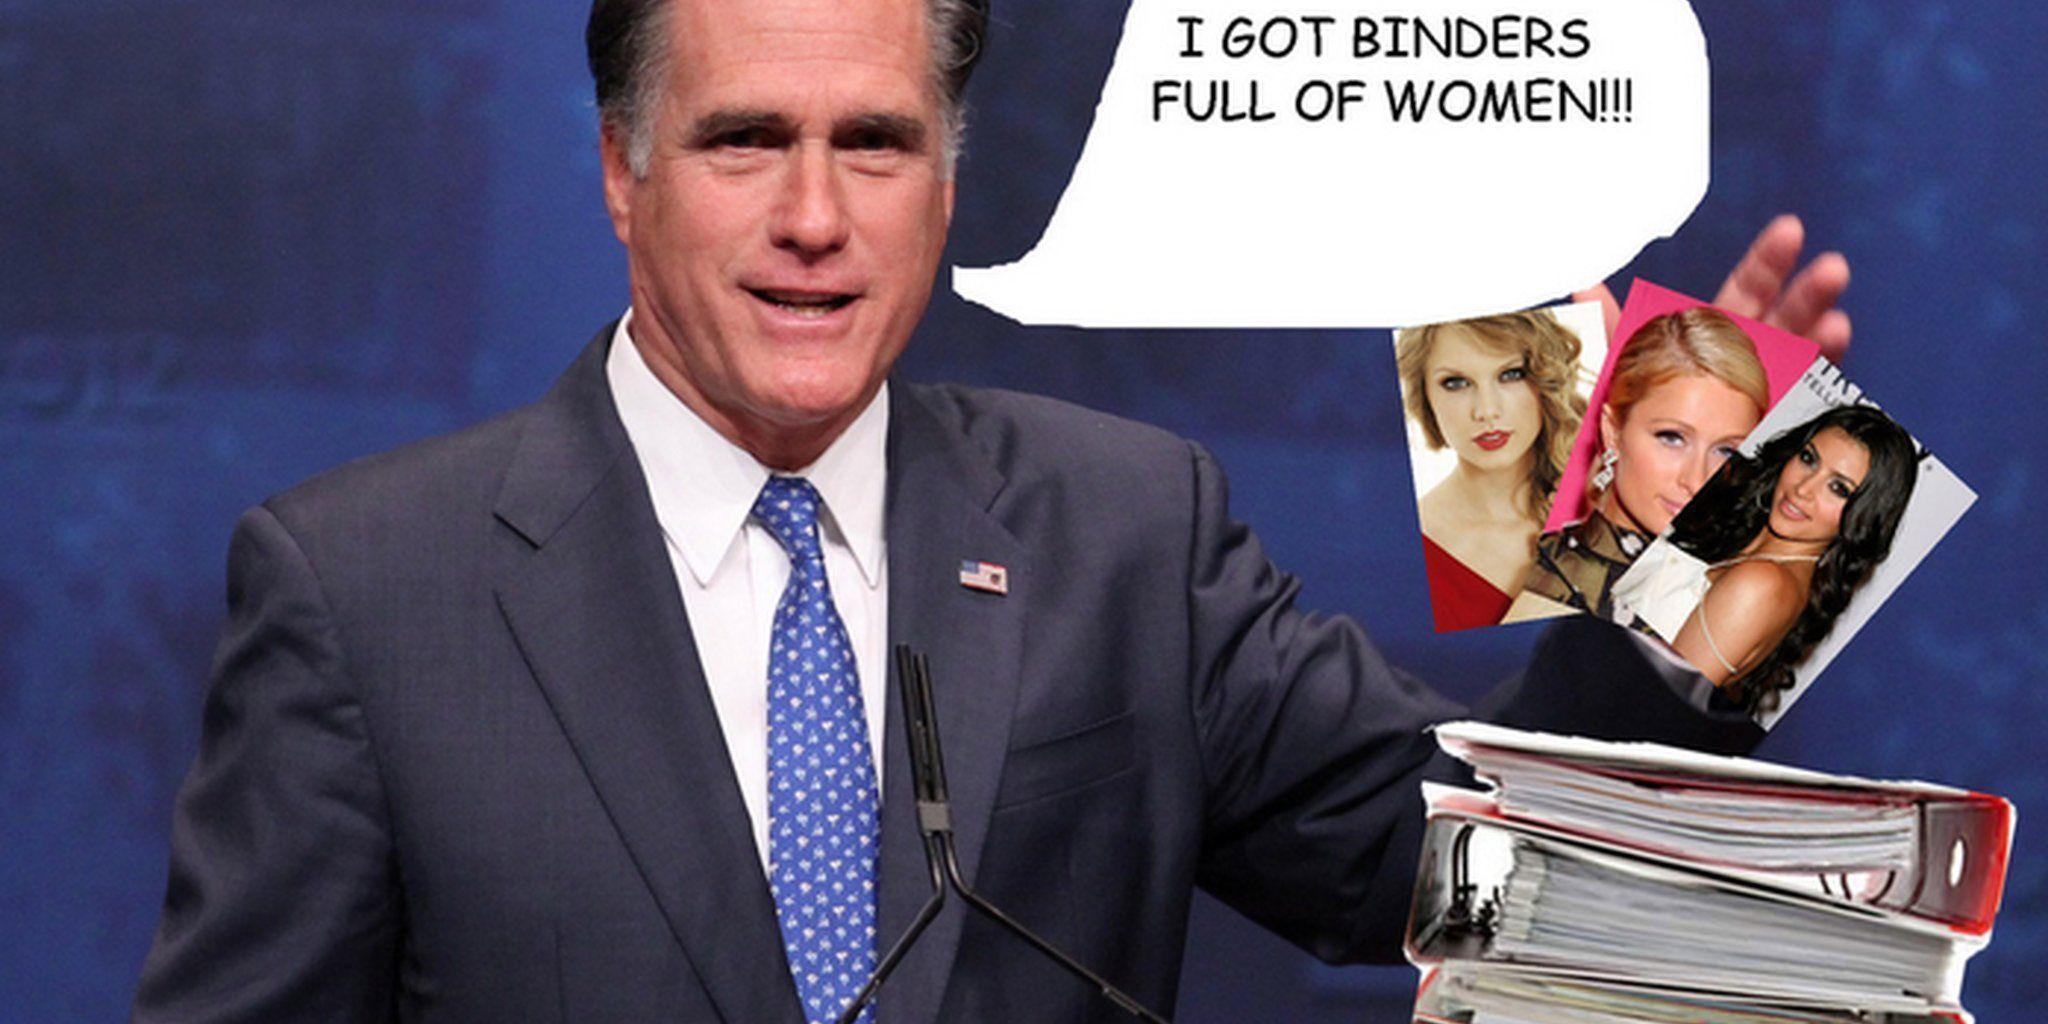 Thunder reccomend Romney binder jokes